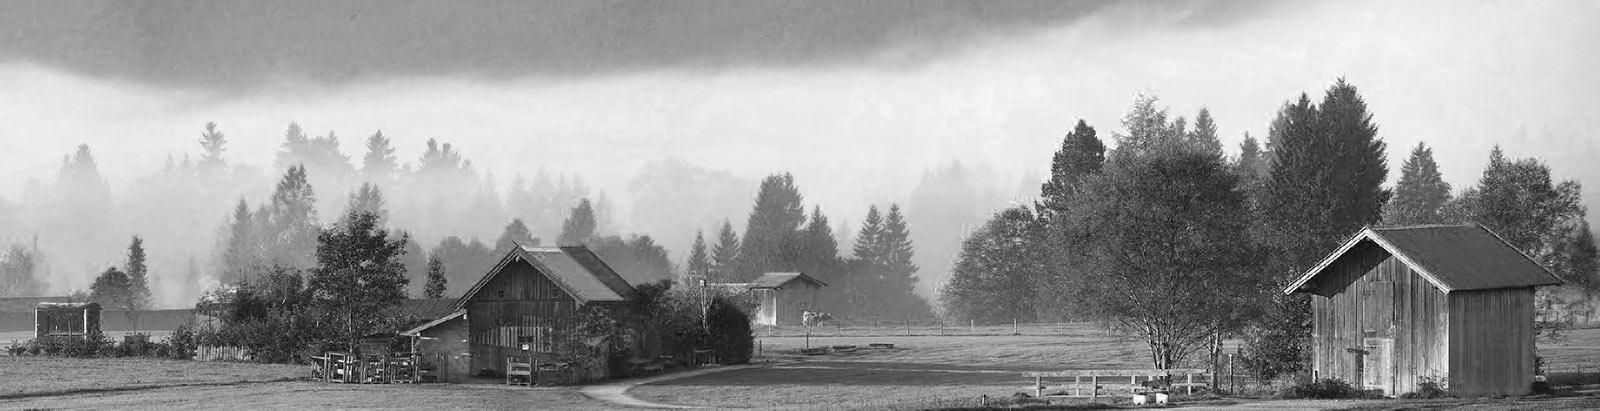 bavière dans la brume